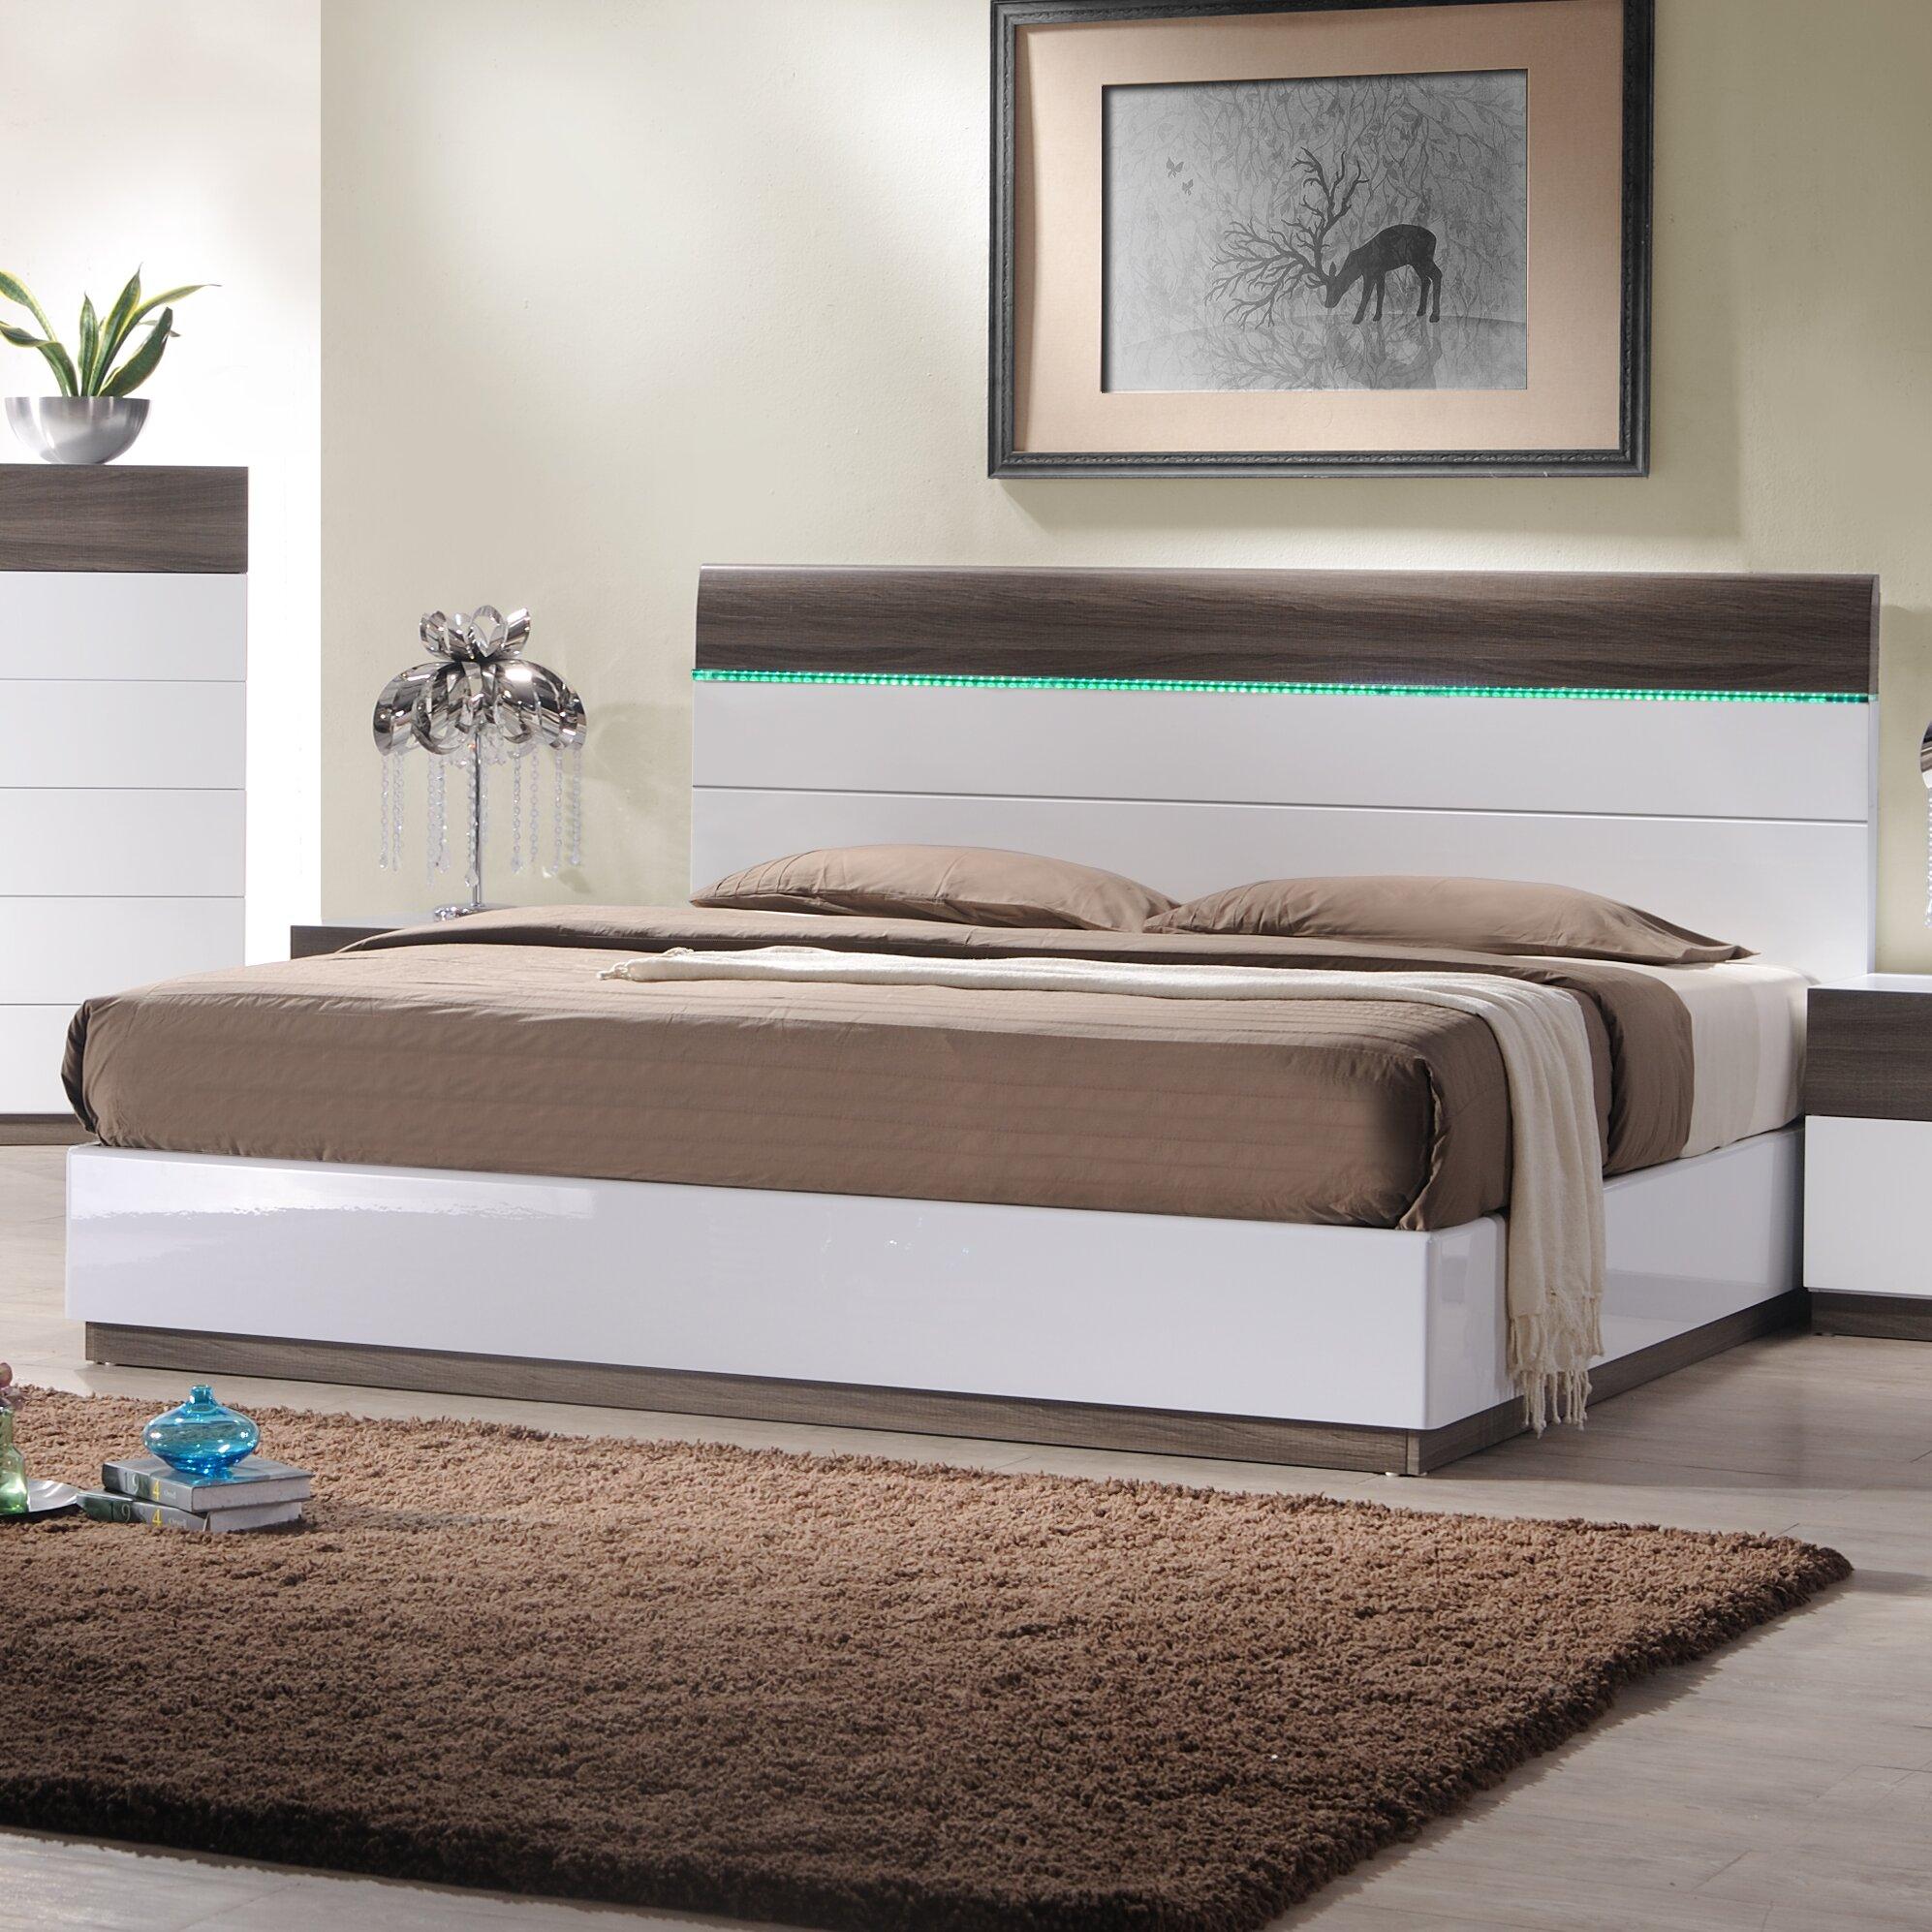 J m furniture sanremo b platform customizable bedroom set for J m bedroom furniture